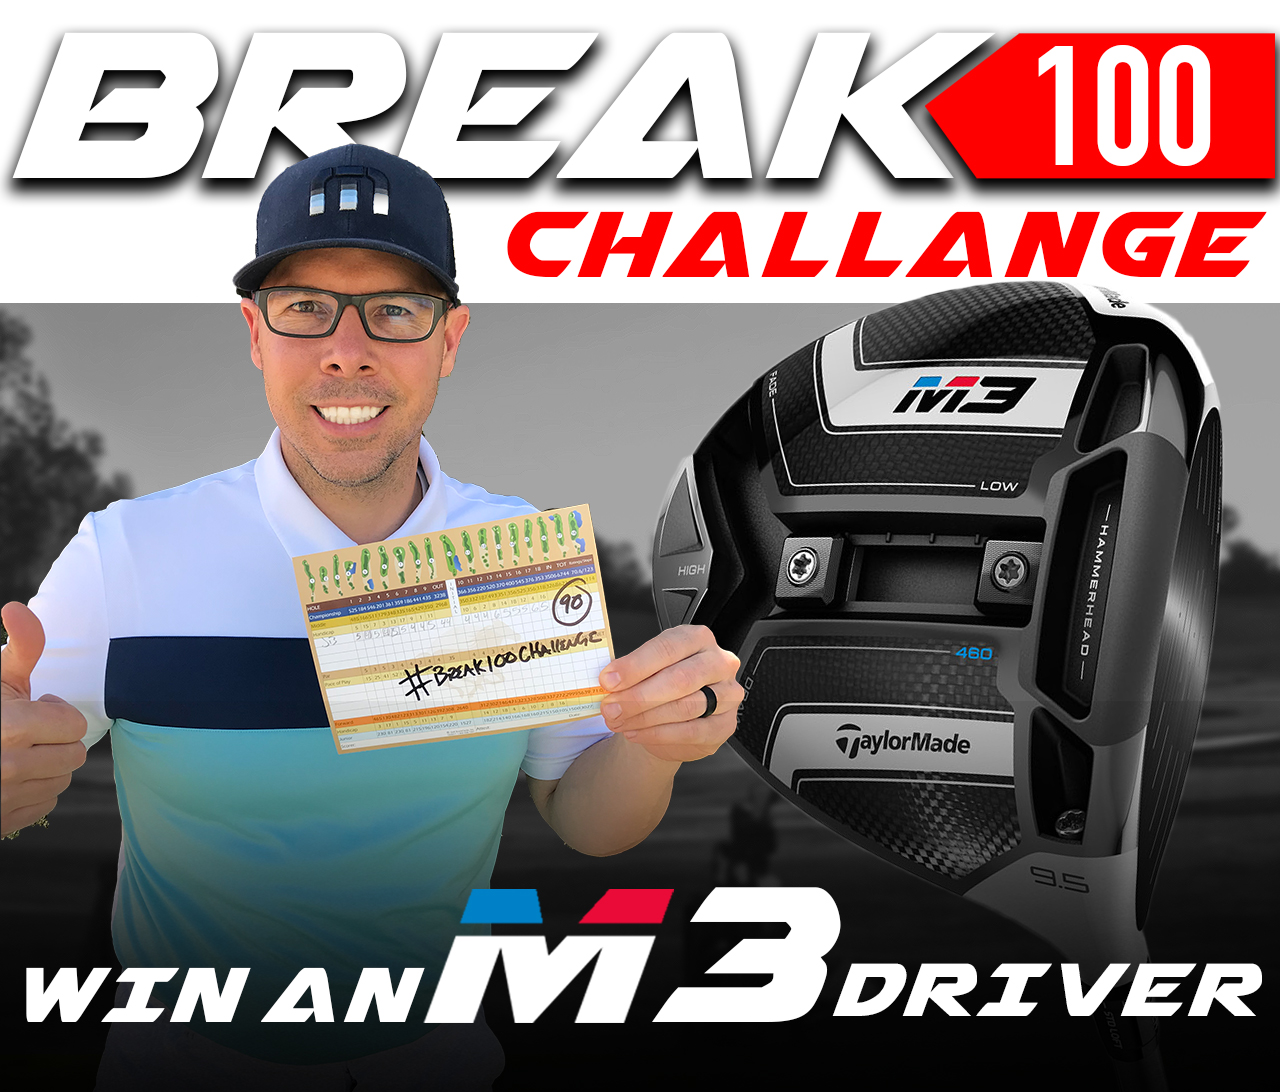 break 100 challenge